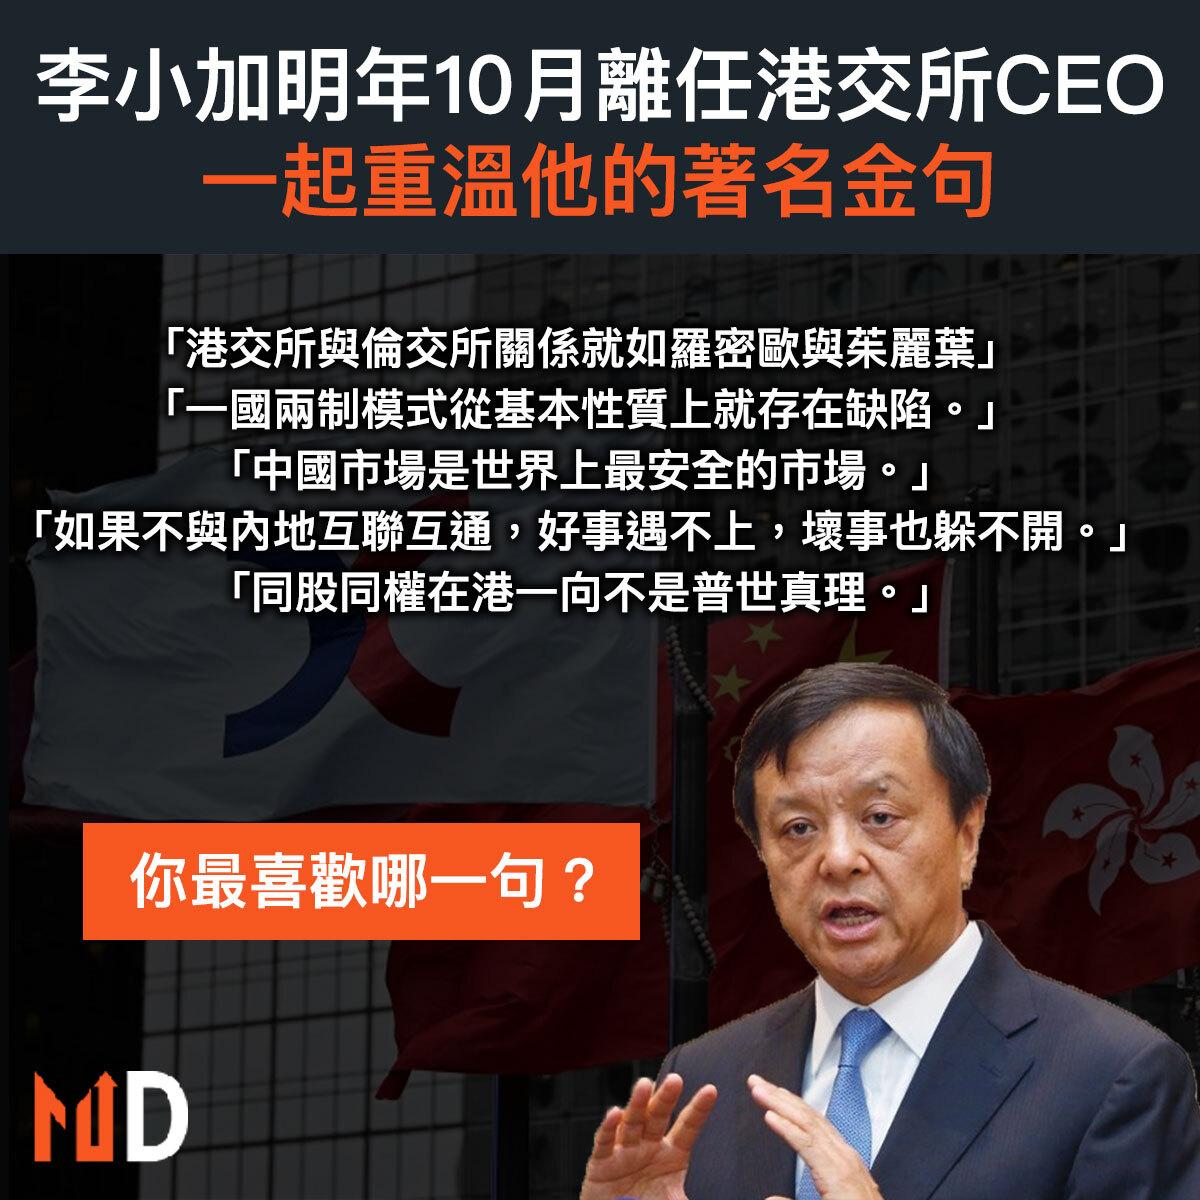 【#市場熱話】港交所行政總裁李小加明年10月離任,回顧過去10年出位金句